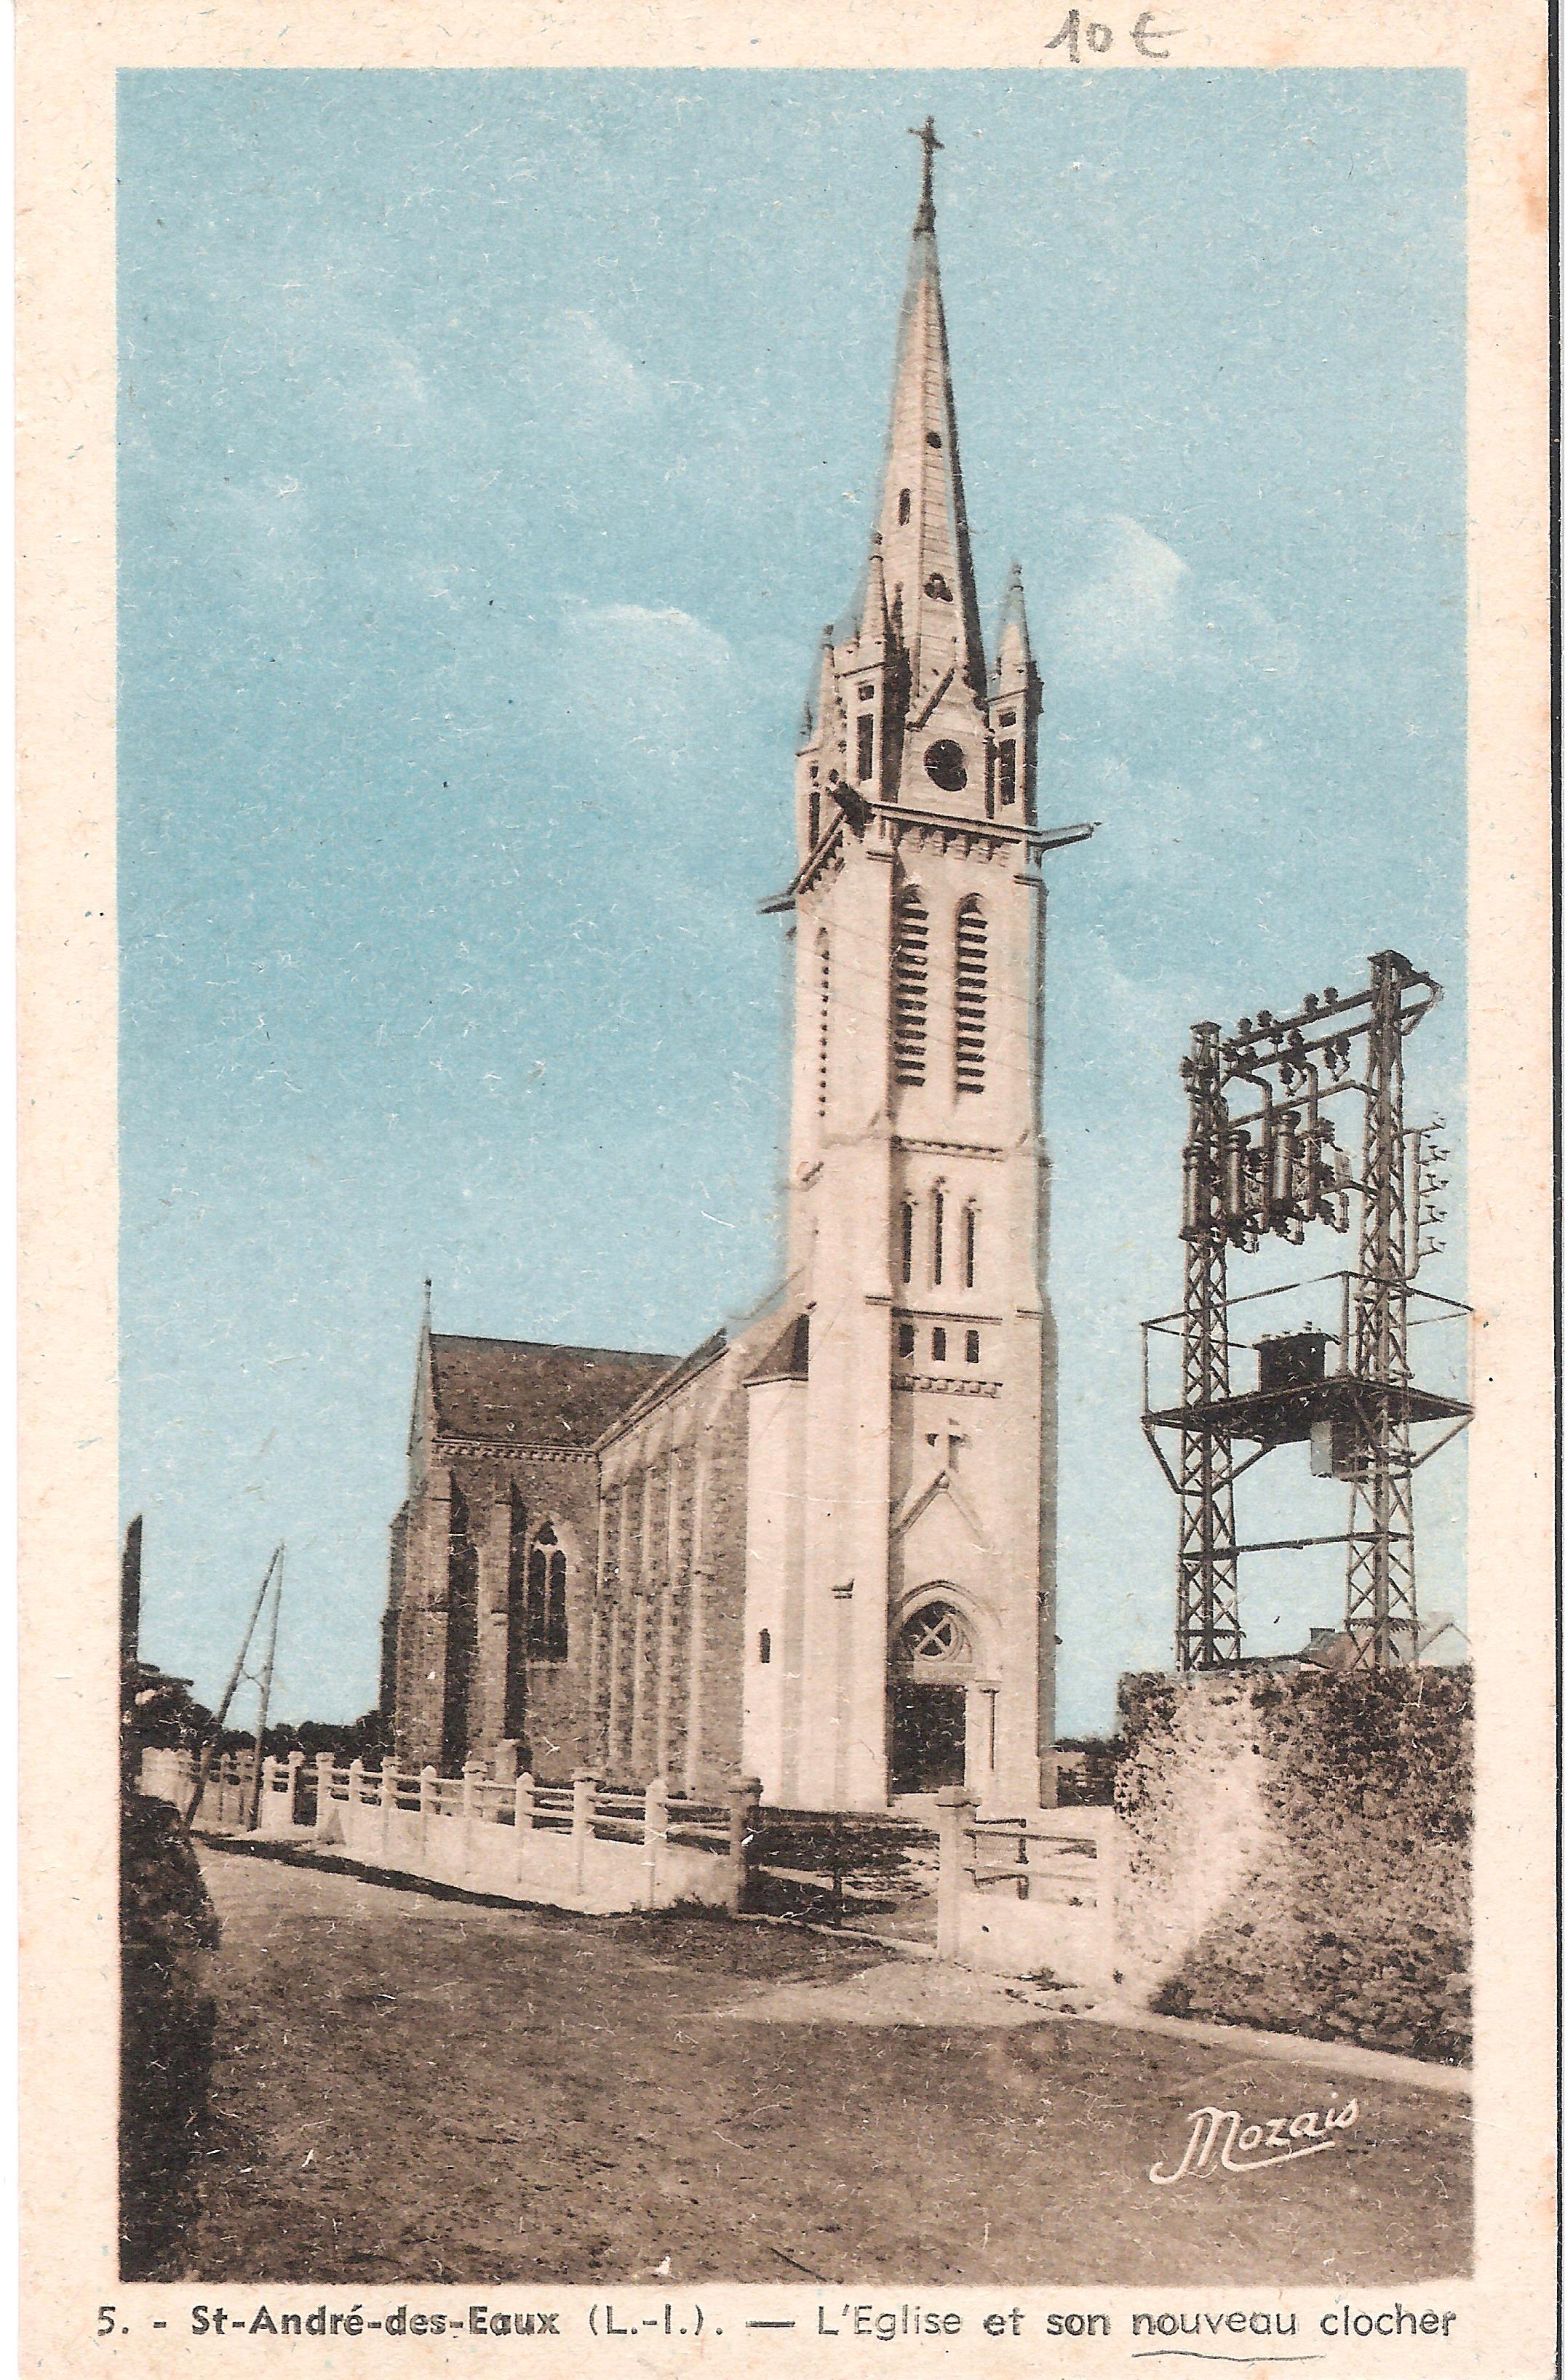 5 St-ANDRE-des-EAUX - L'Eglise et son nouveau clocher